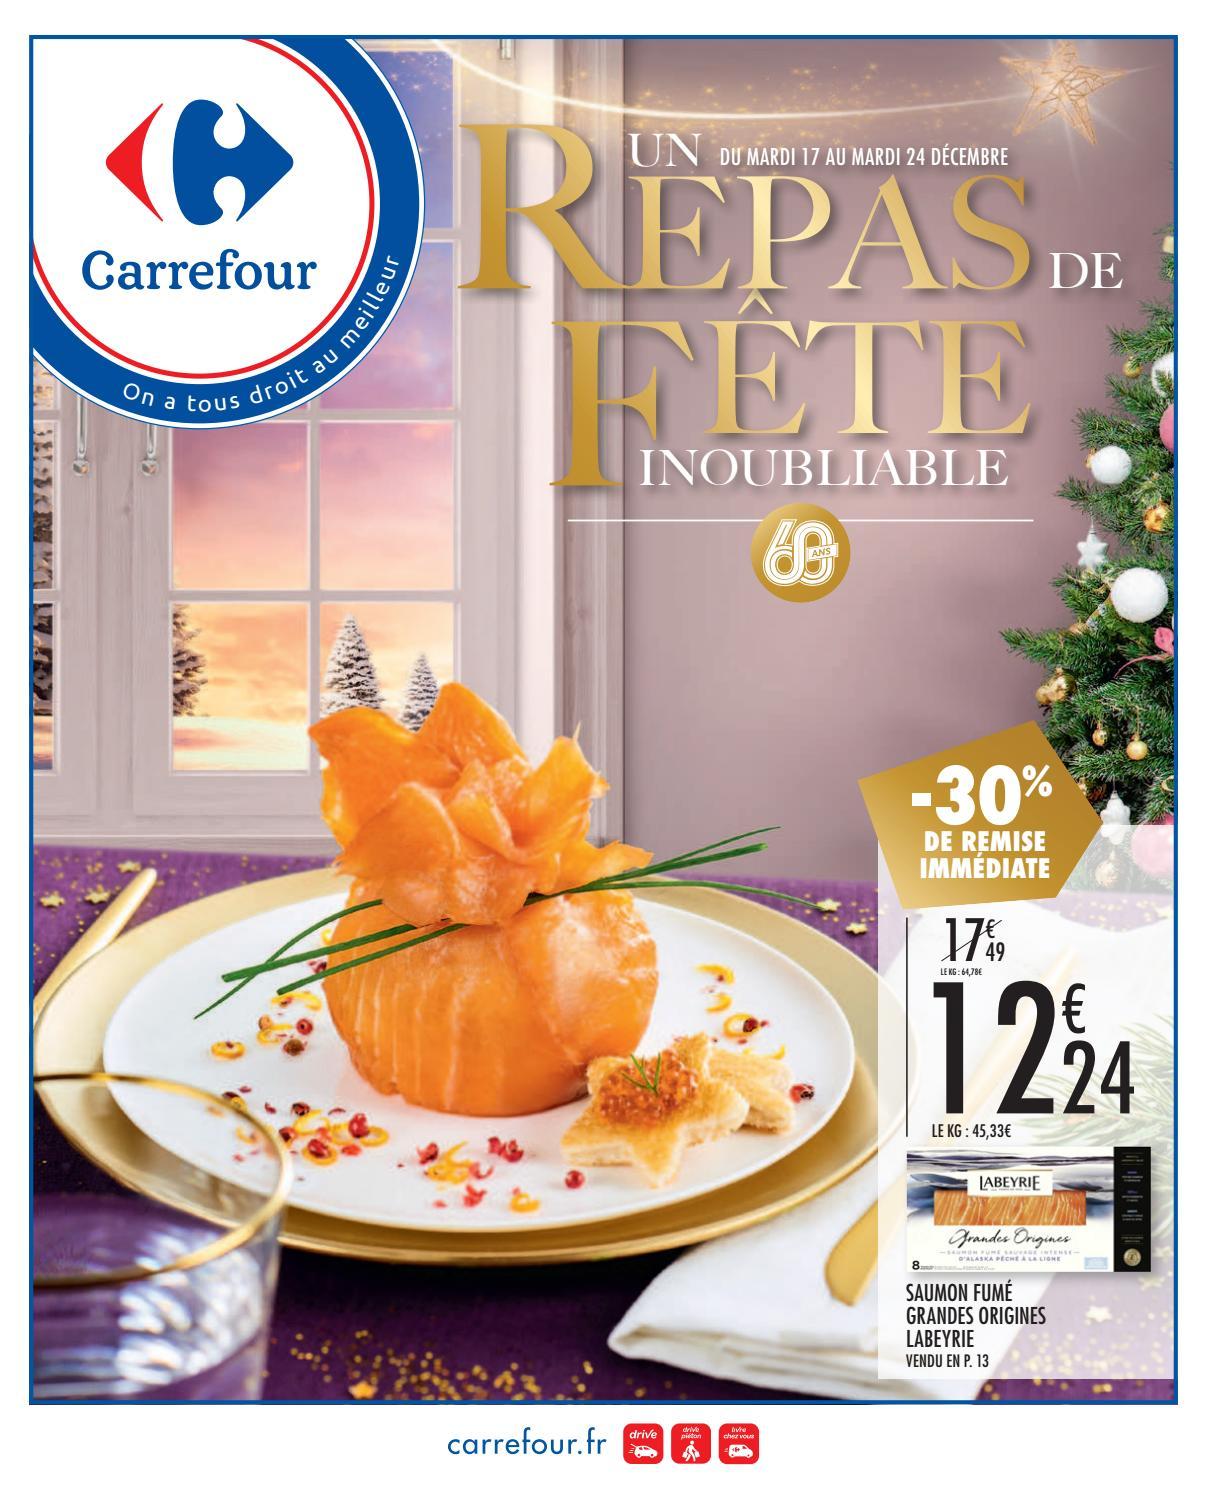 Catalogue Carrefour Un Repas De Fête Inoubliable By Ofertas